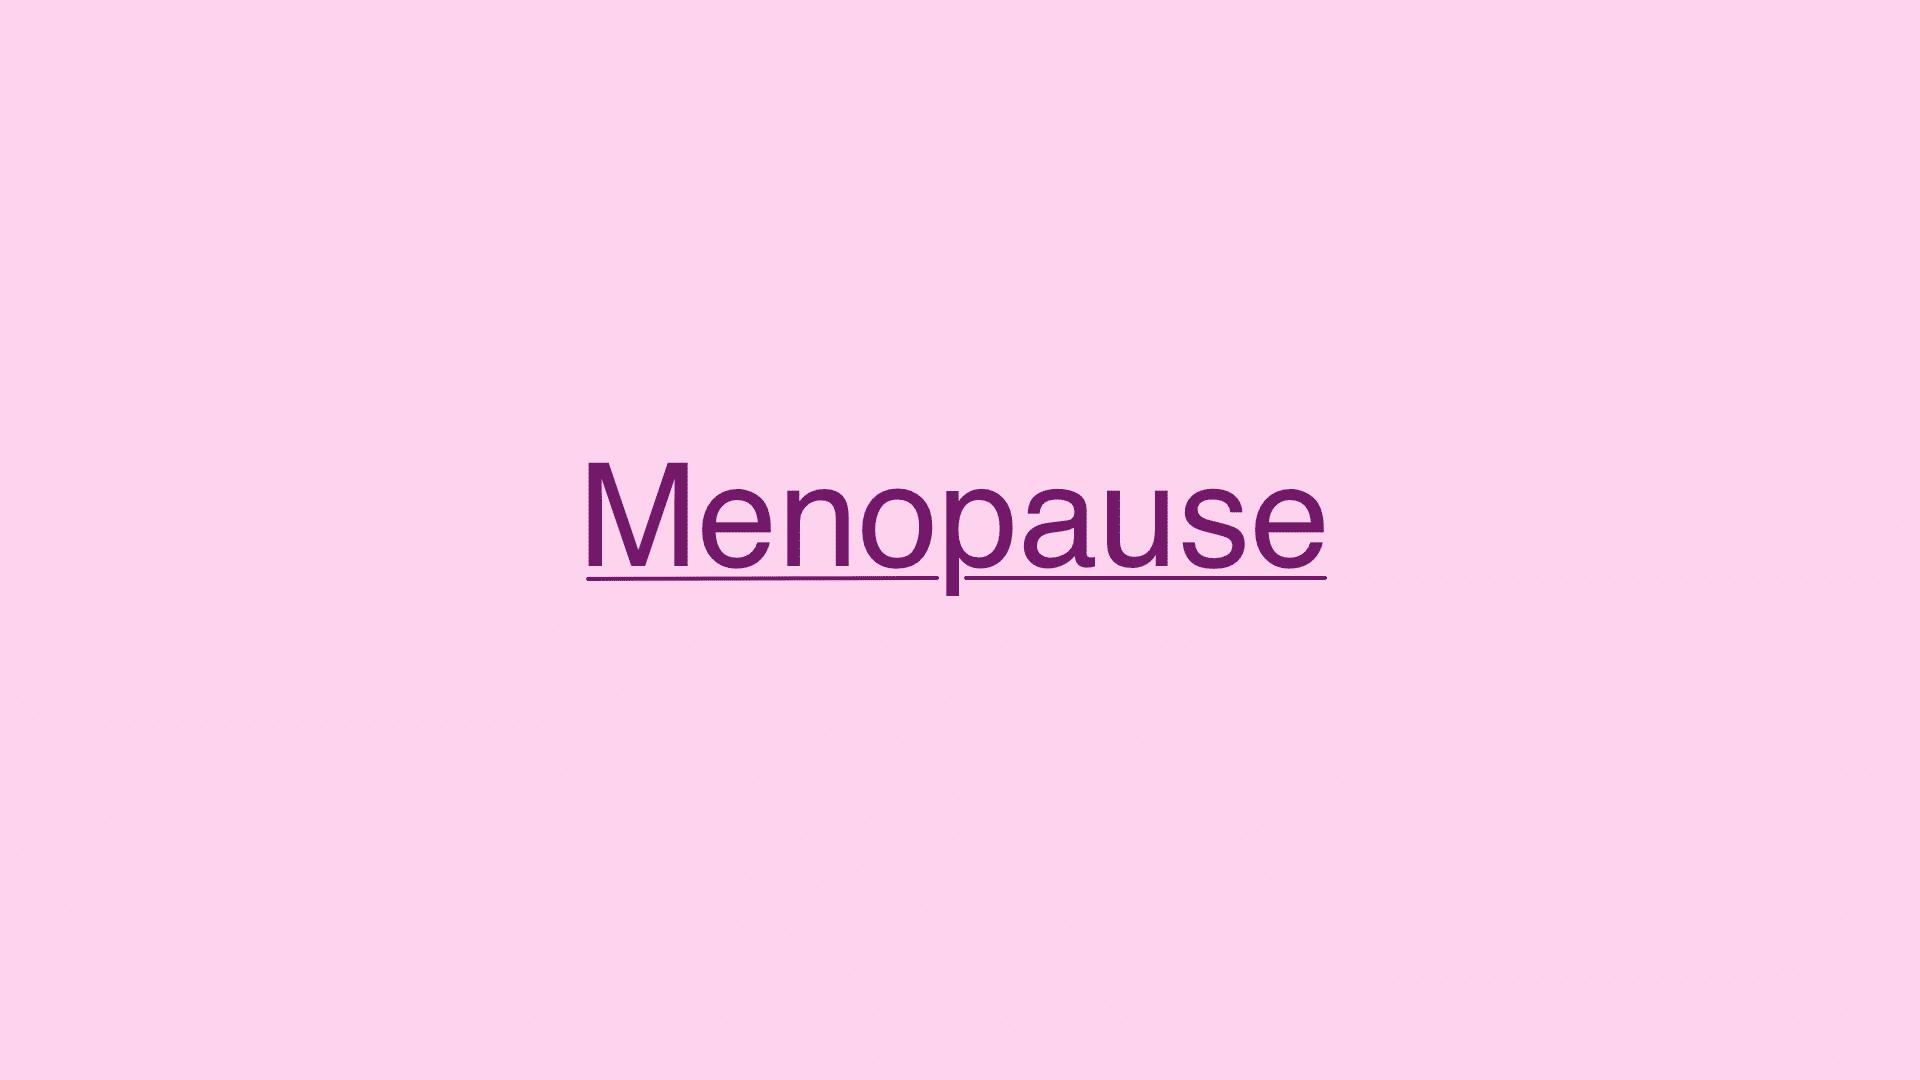 Menopause - Ursachen und Symptome des Klimakterium